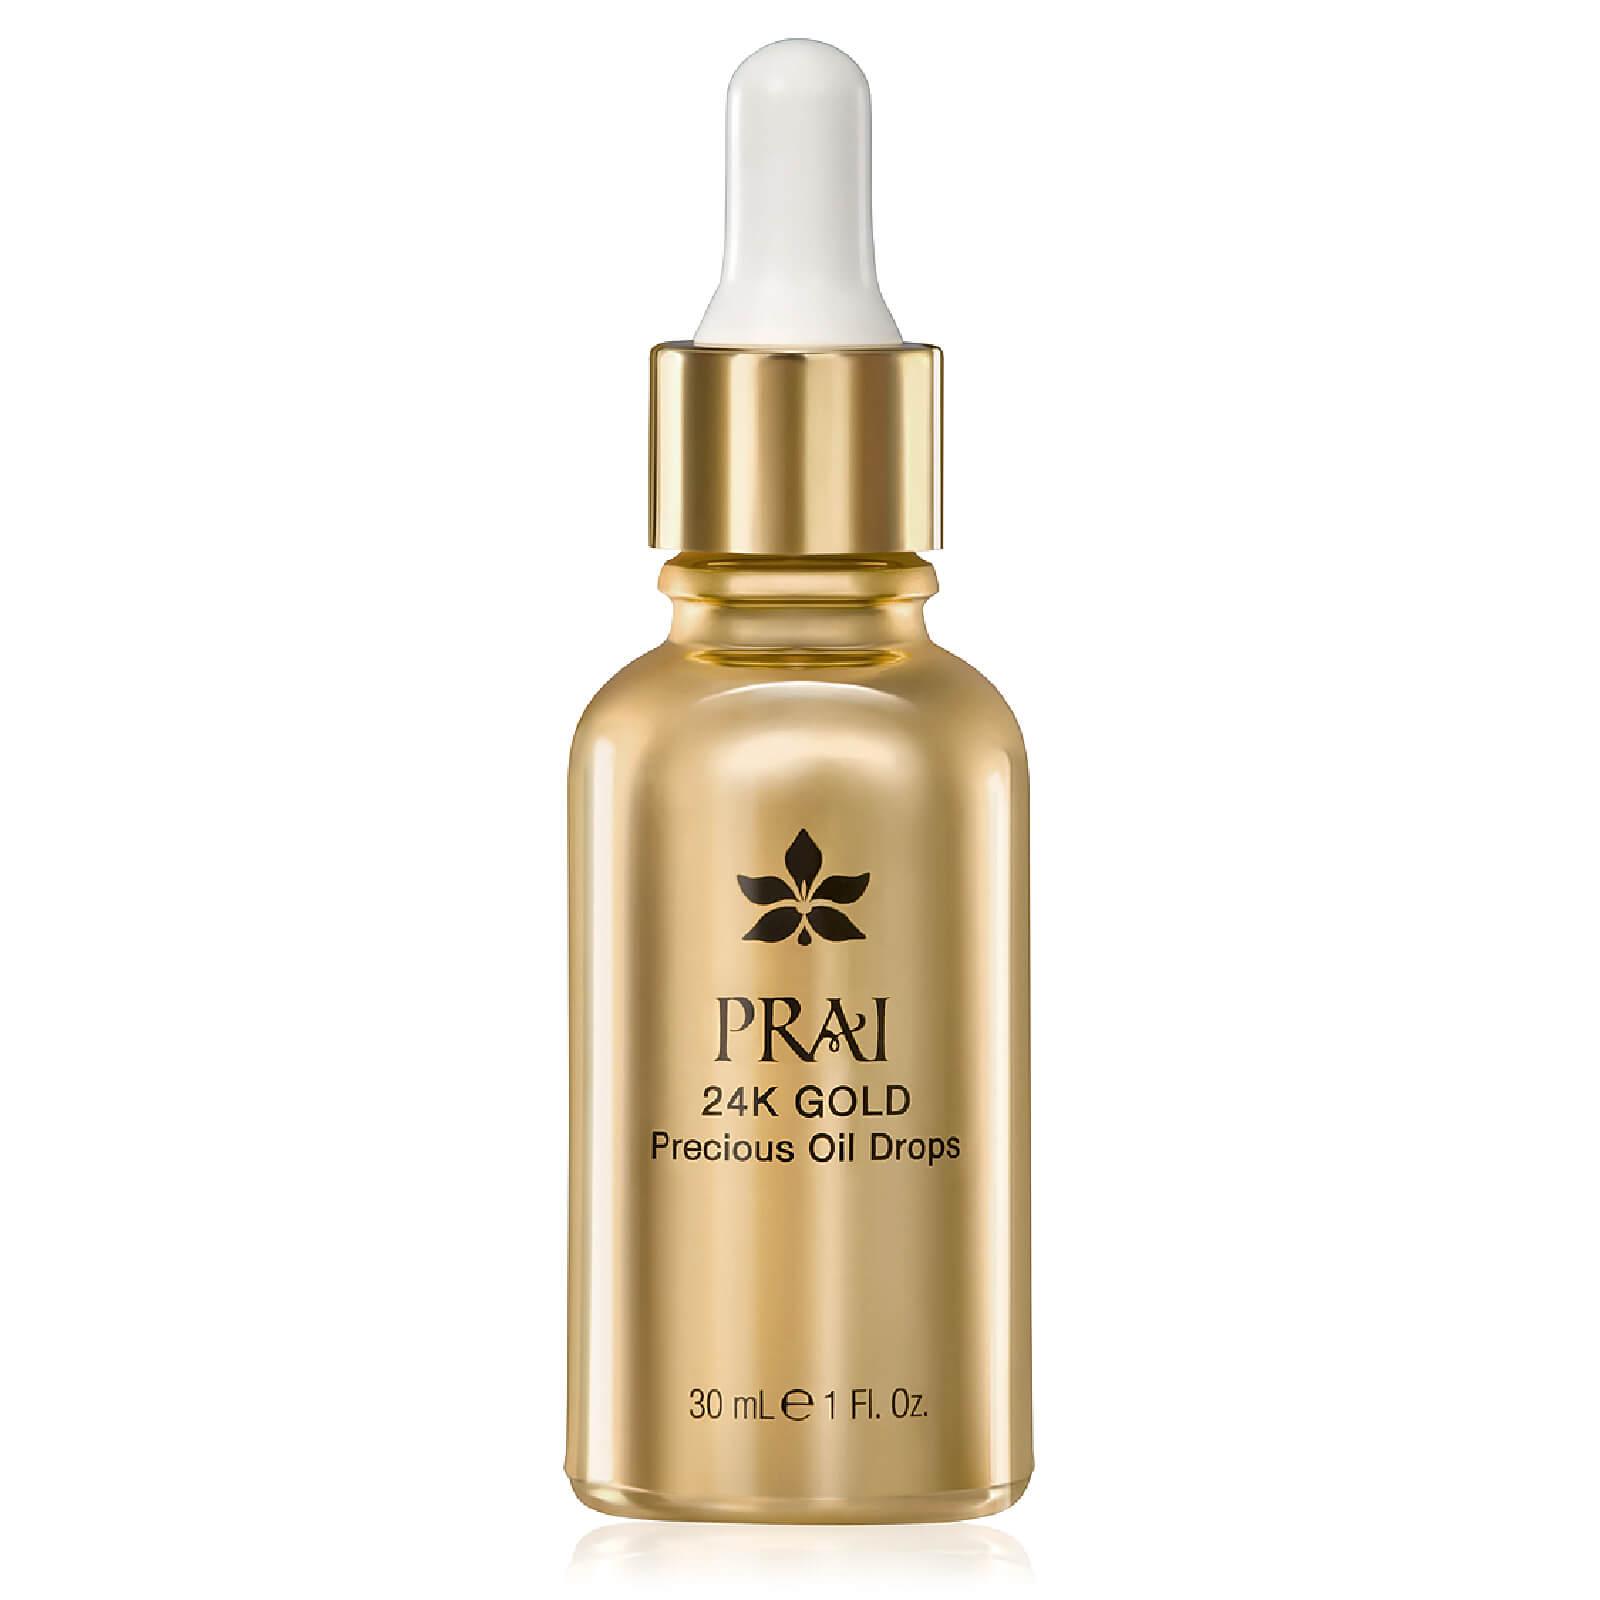 Купить Омолаживающее масло для лица с частицами 24-каратного золота PRAI 24K GOLD Precious Oil Drops 30мл